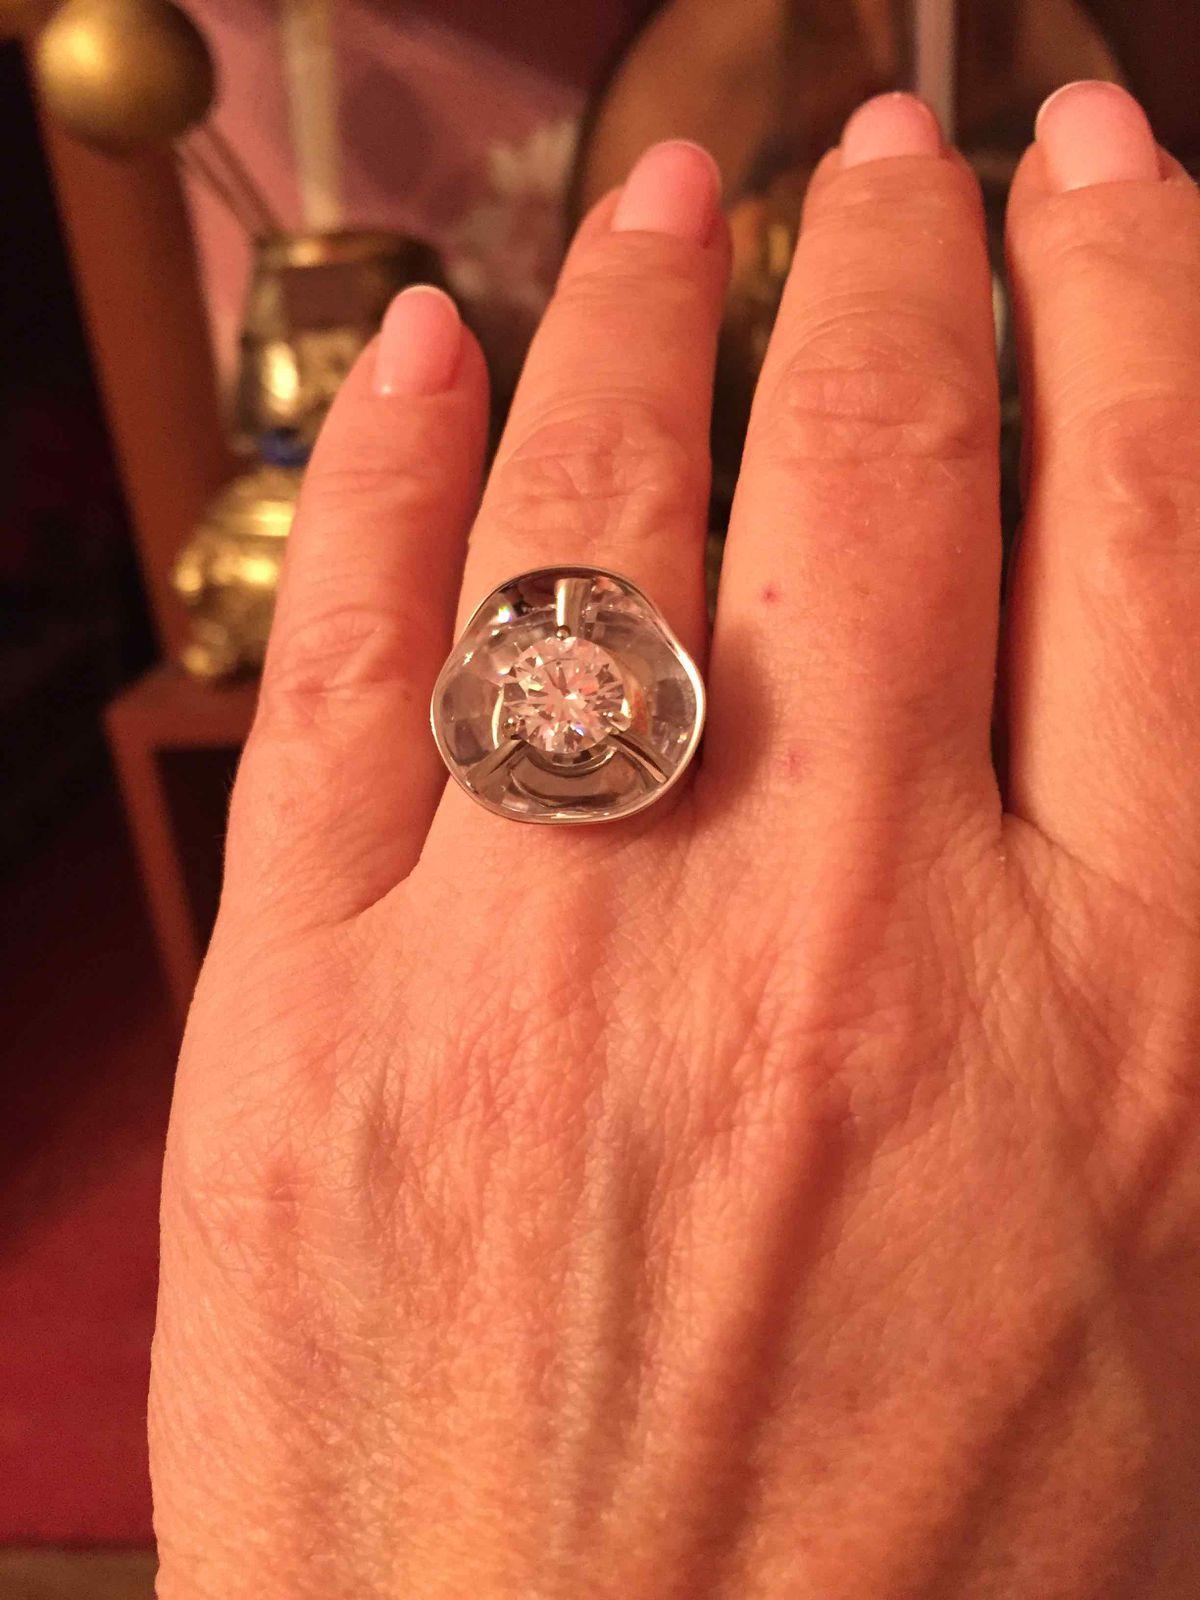 Кольцо от Соколова!!! Мечта-не сказка!